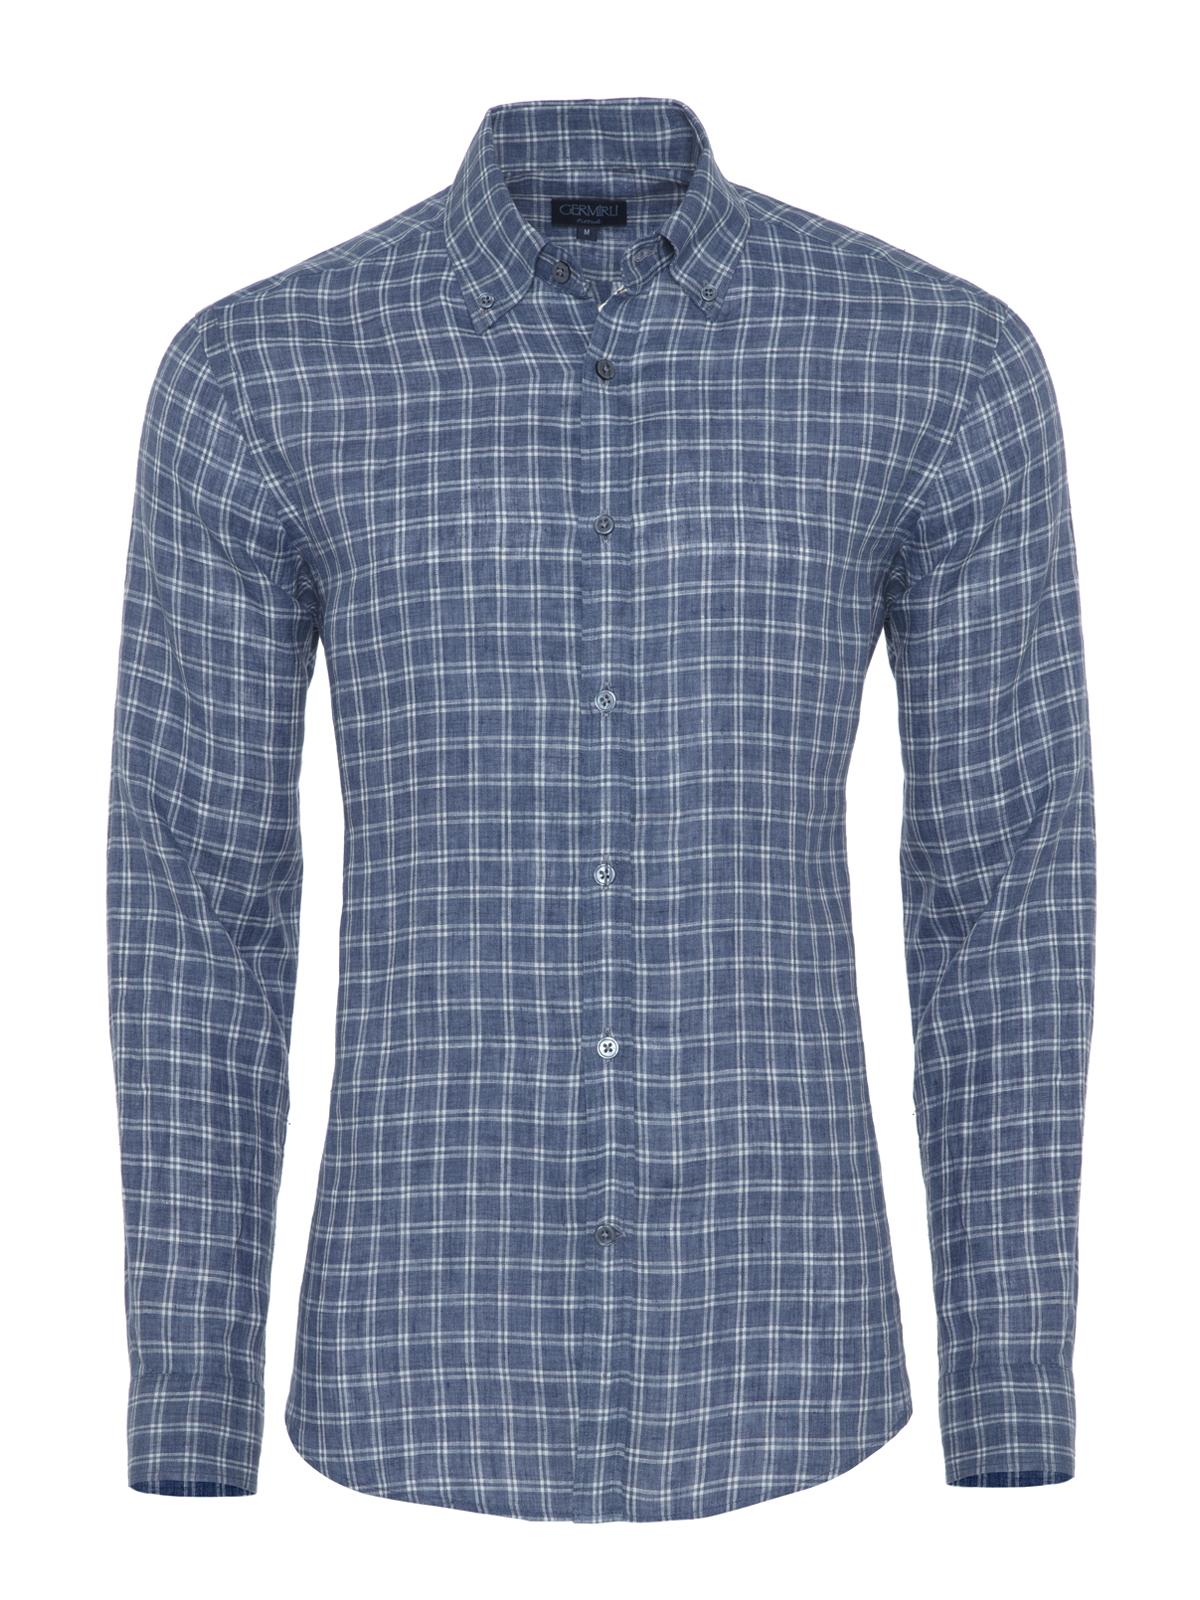 Germirli Mavi Beyaz Kareli Delave Keten Düğmeli Yaka Tailor Fit Gömlek